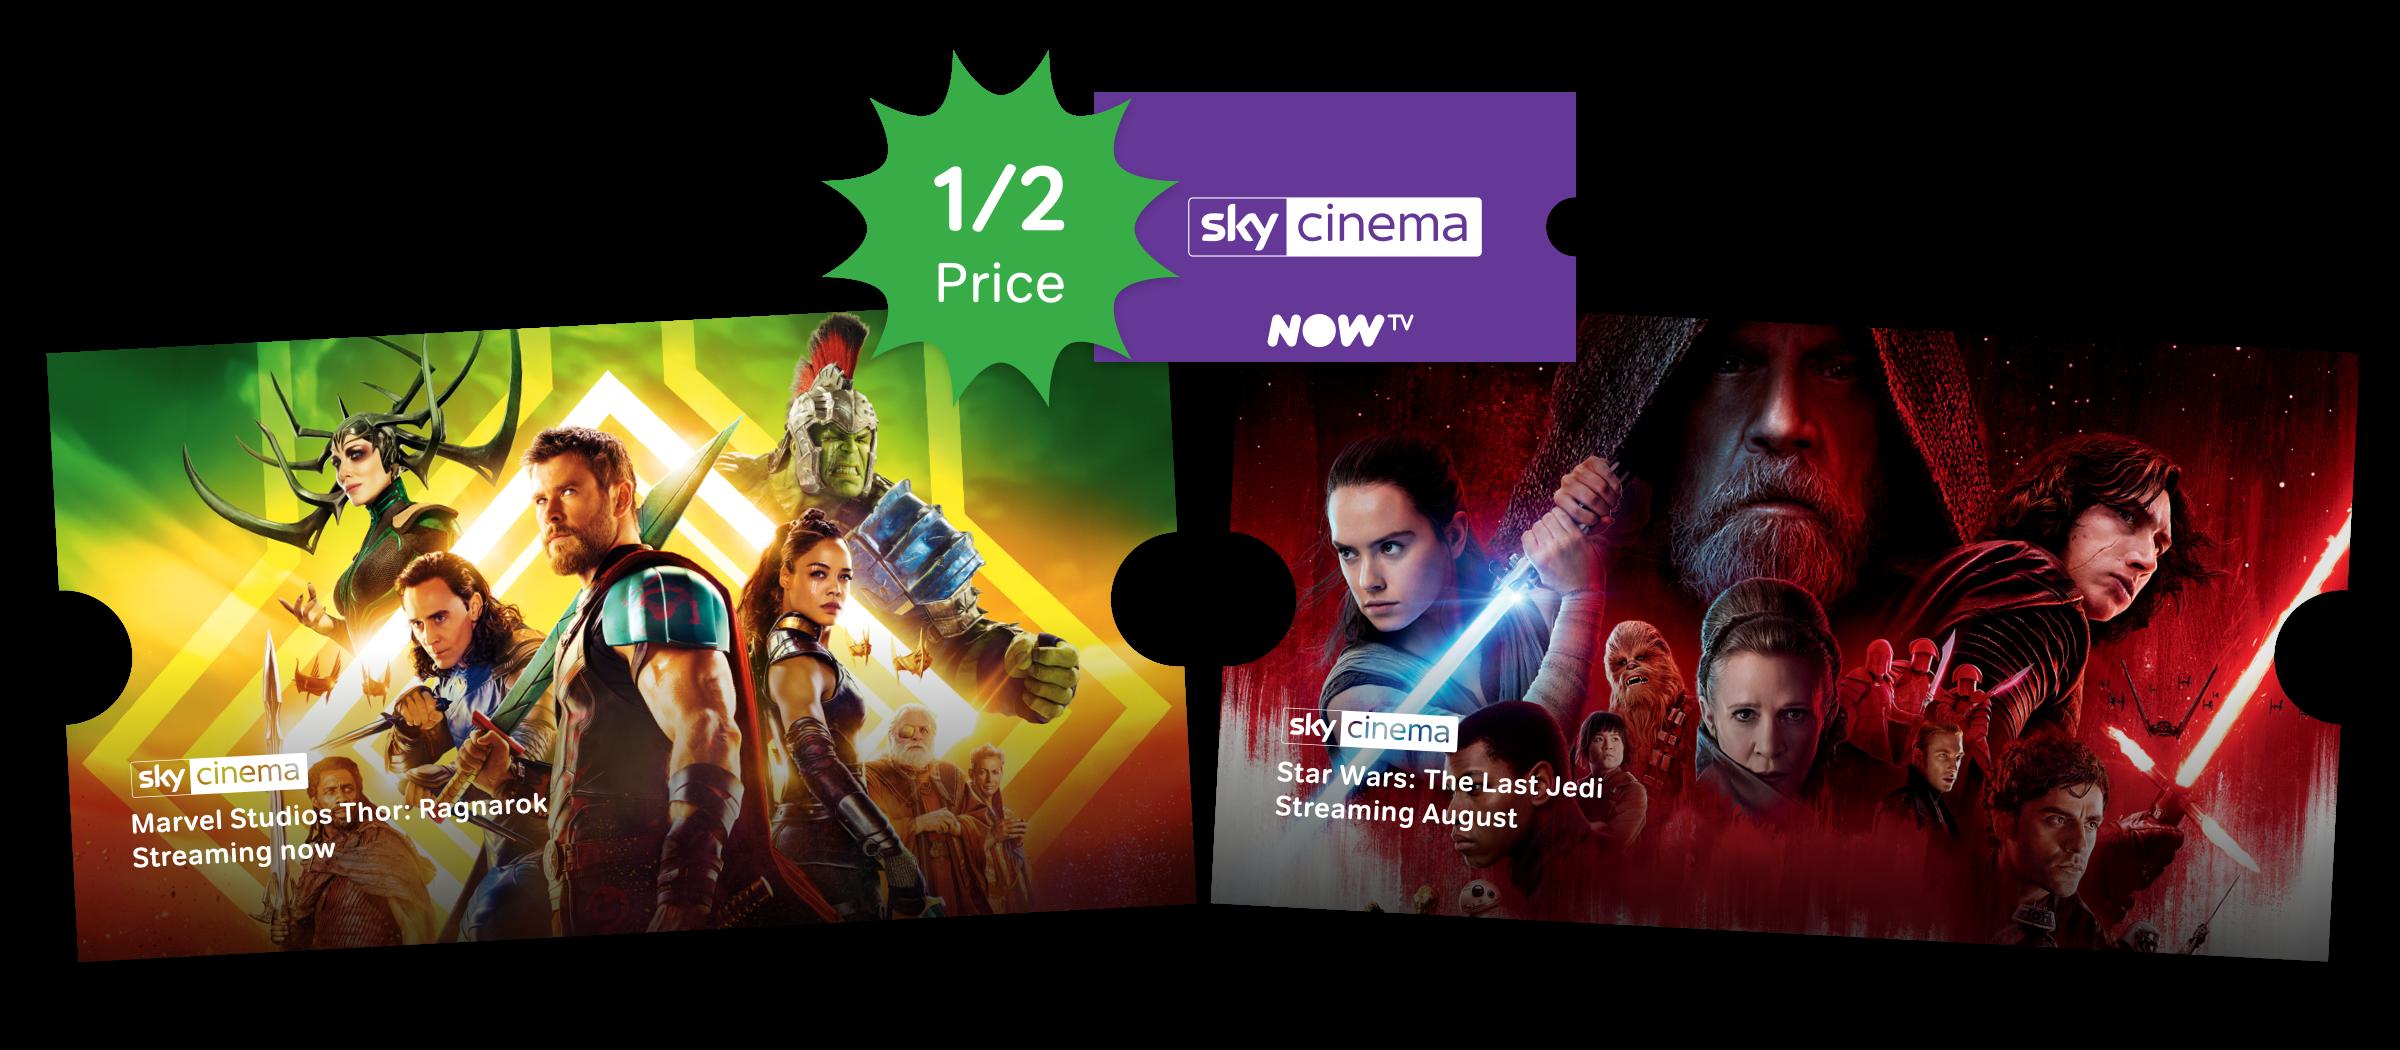 Watch Sky Cinema online with a NOW TV Sky Cinema Pass.